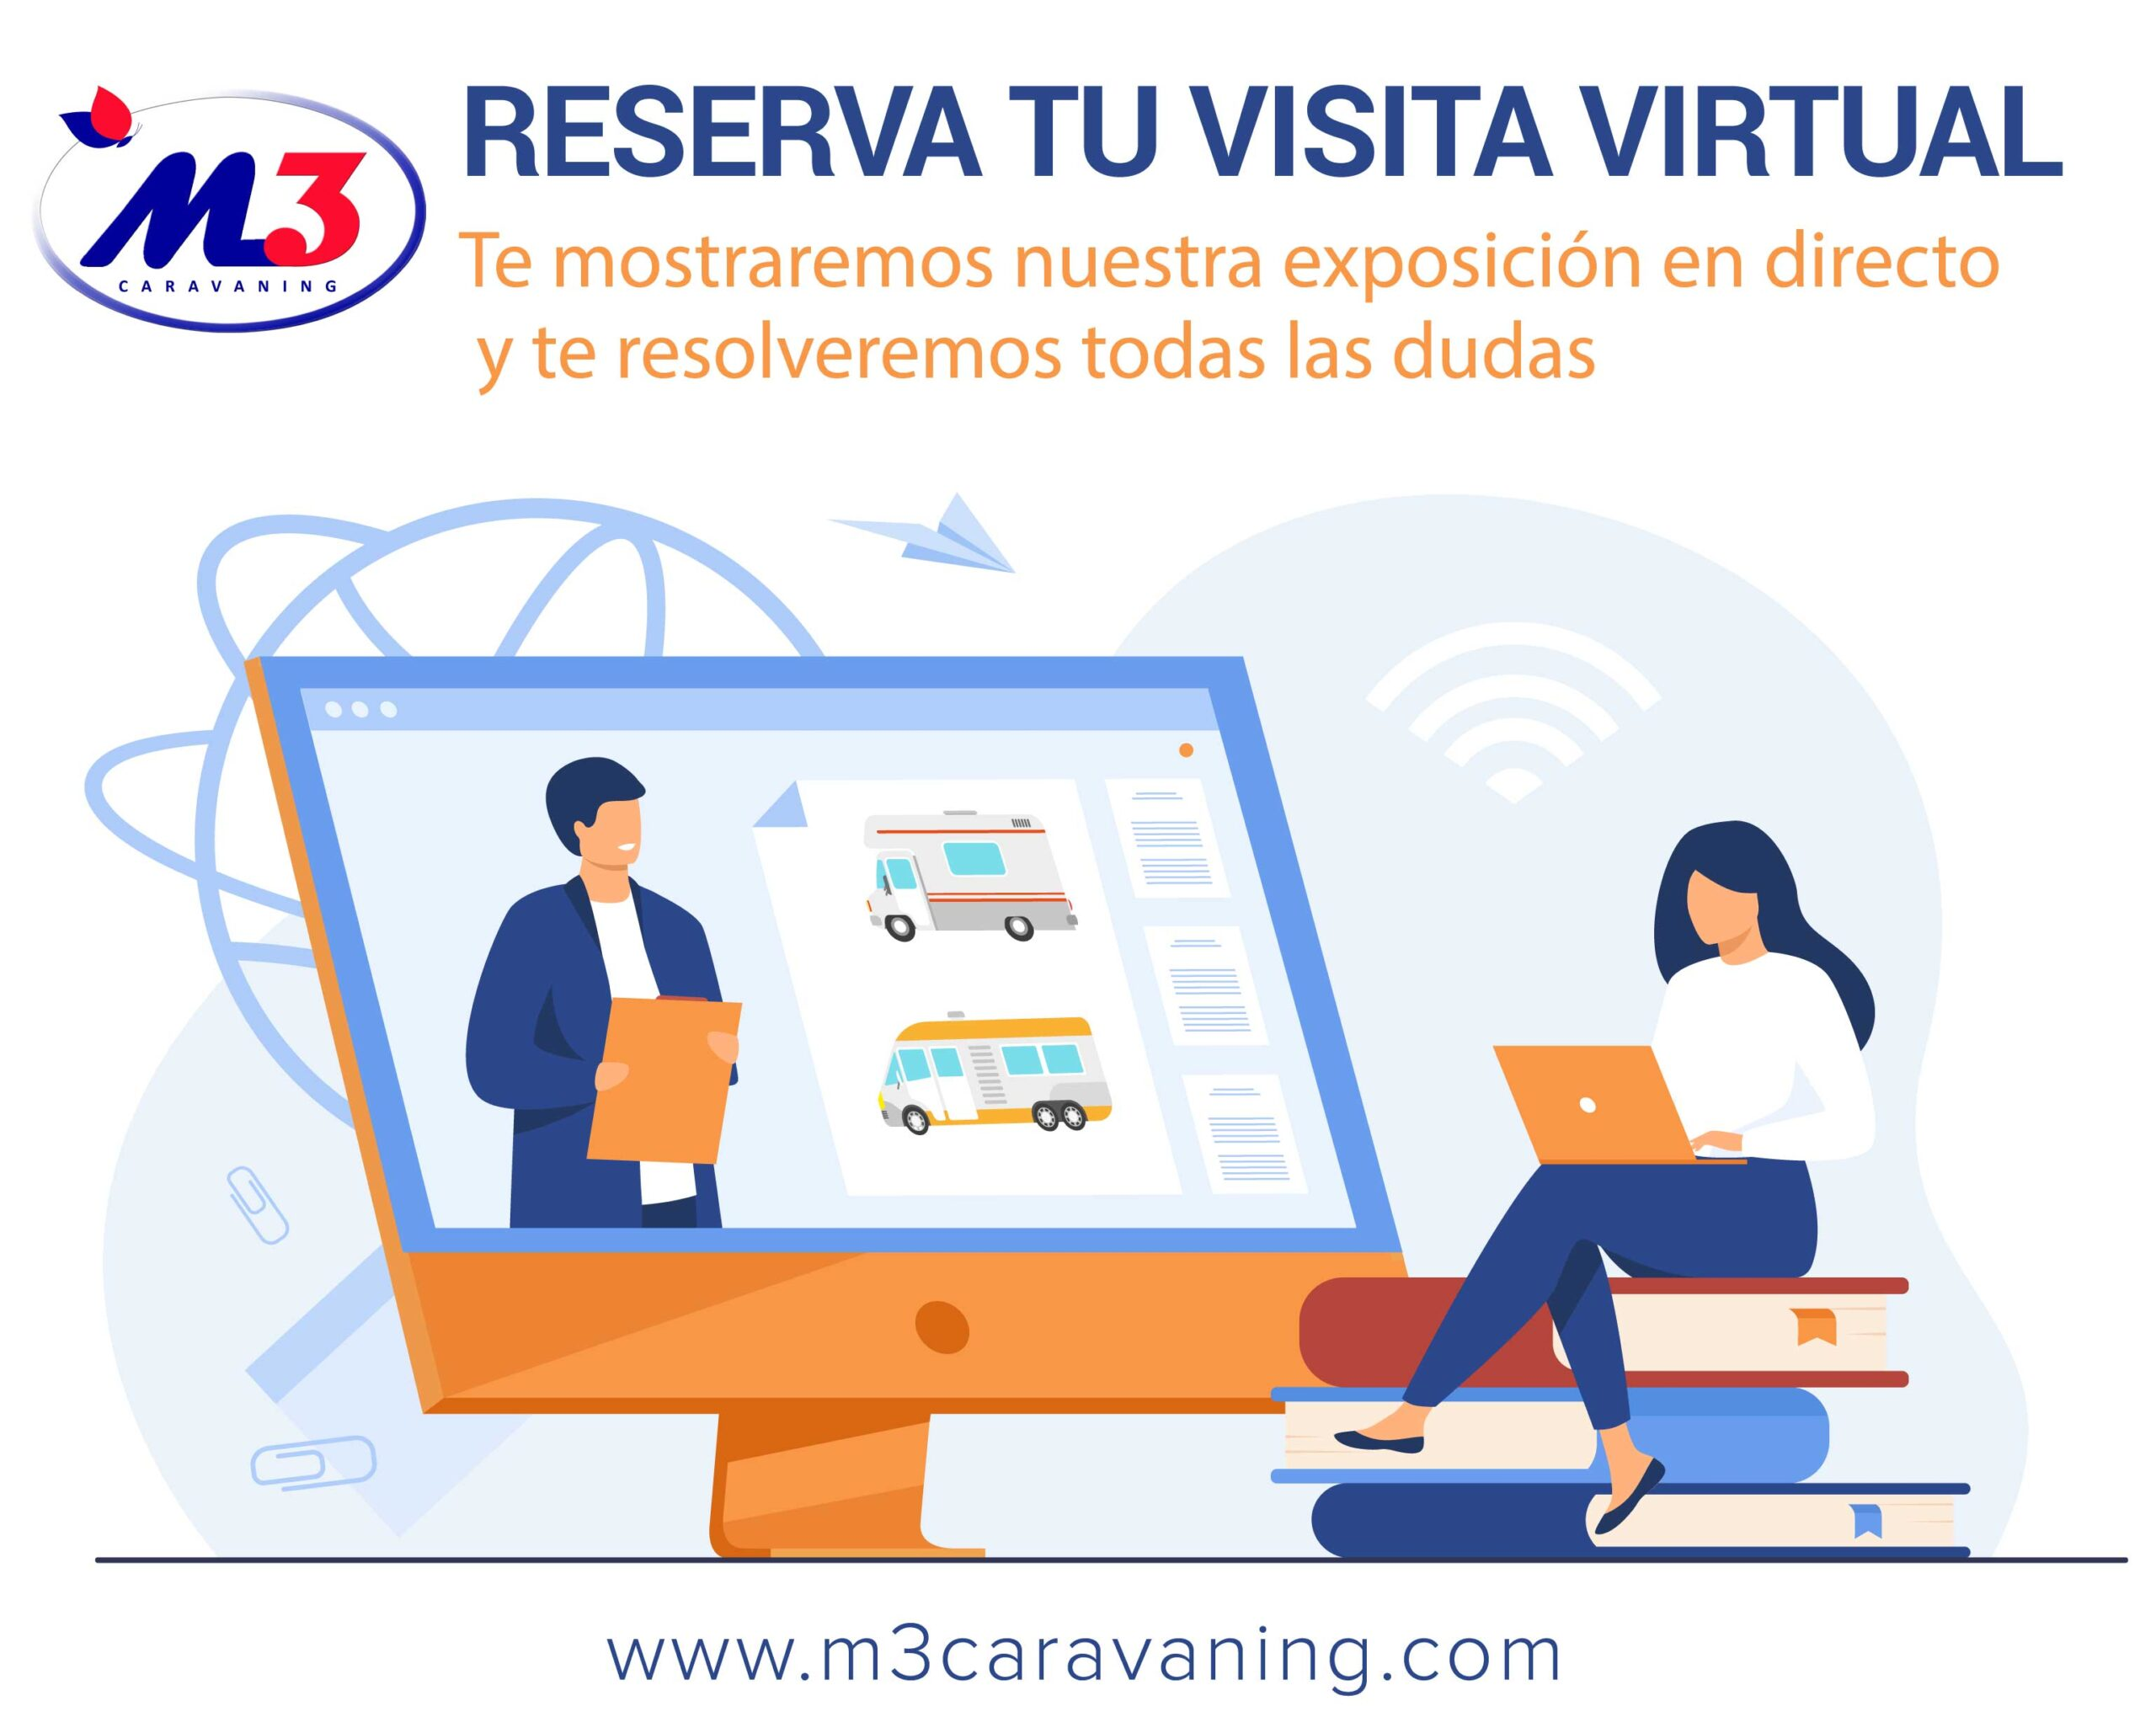 Reserva tu visita virtual en M3 Caravaning, te mostramos nuestras autocaravanas desde casa